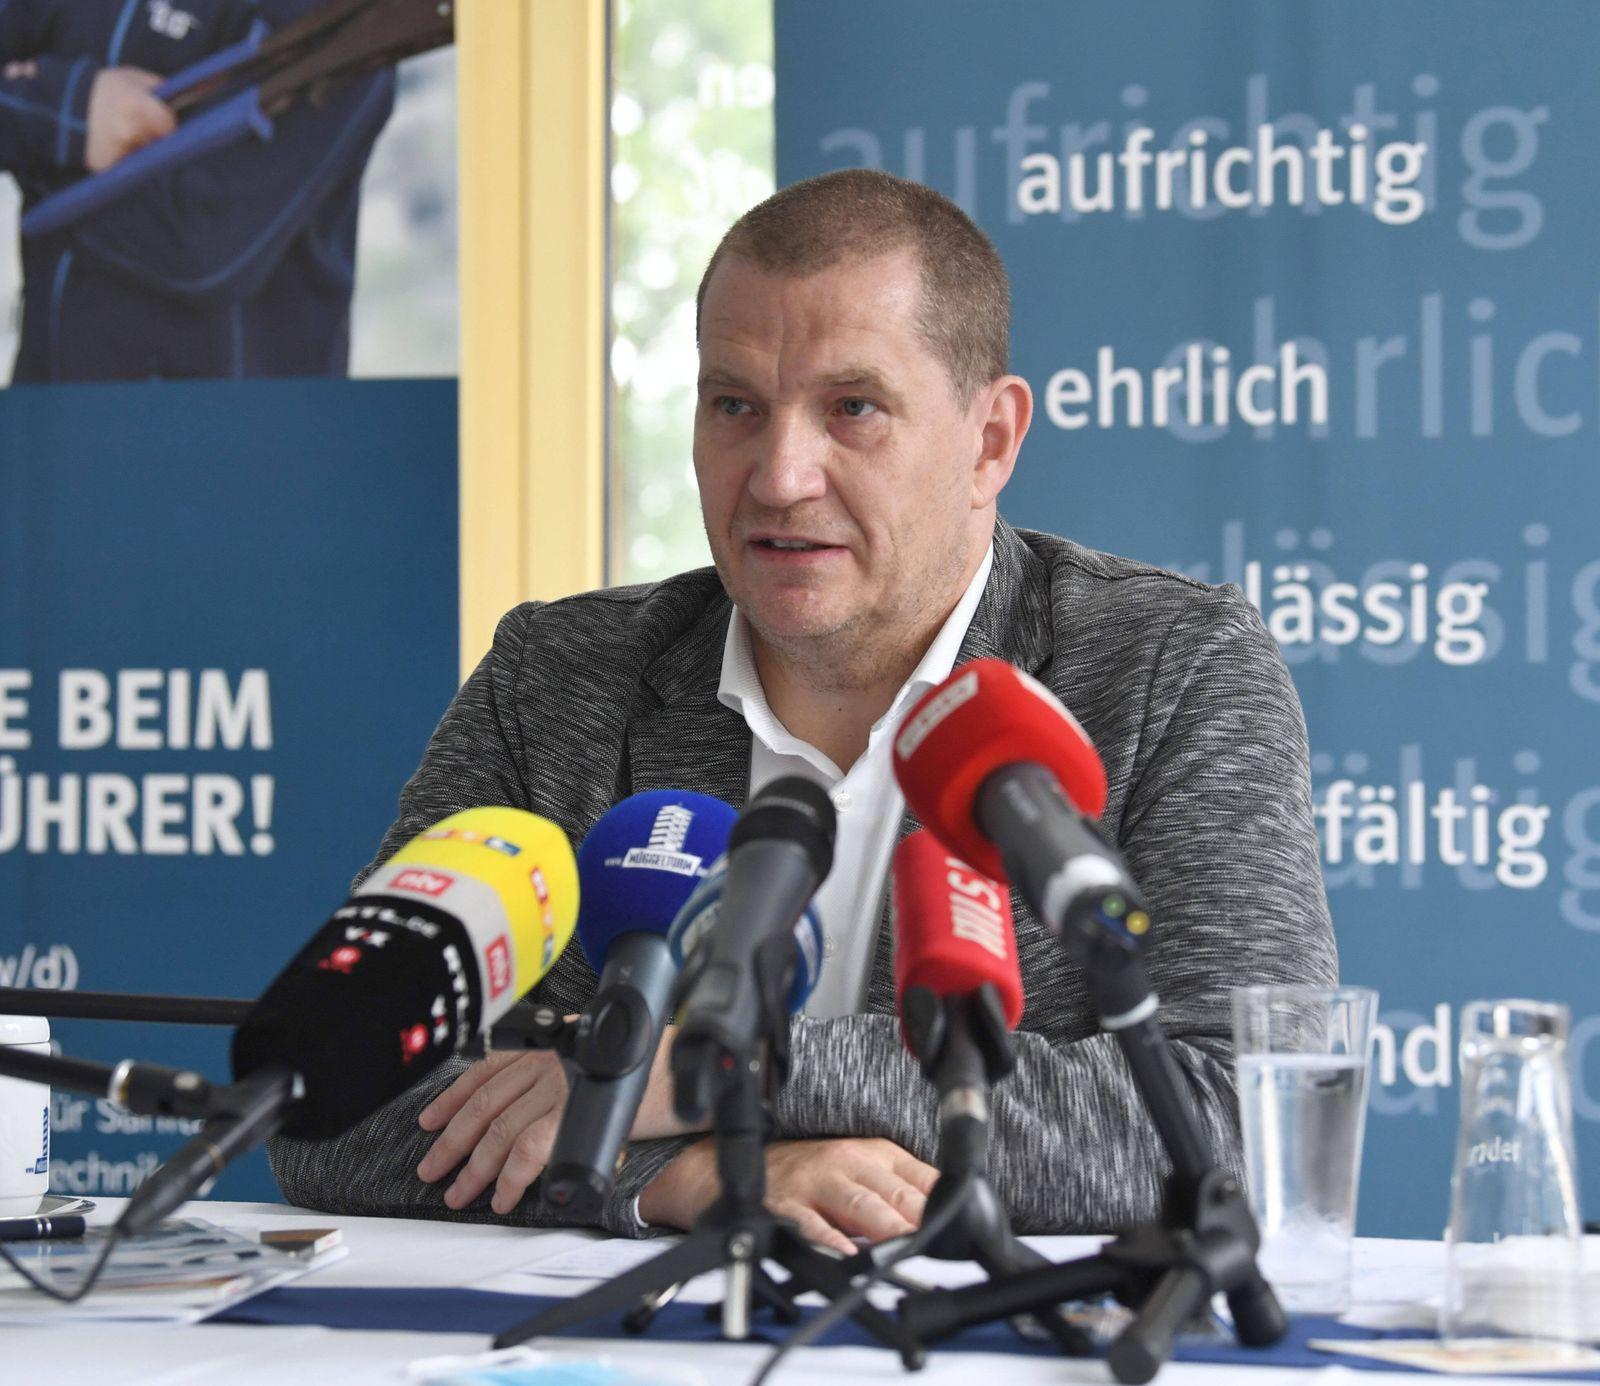 Eisschnelllauf, Pressekonferenz des kommissarischen DESG-Präsidenten Matthias Große in der Müggelturm-Baude in Berlin-Kö